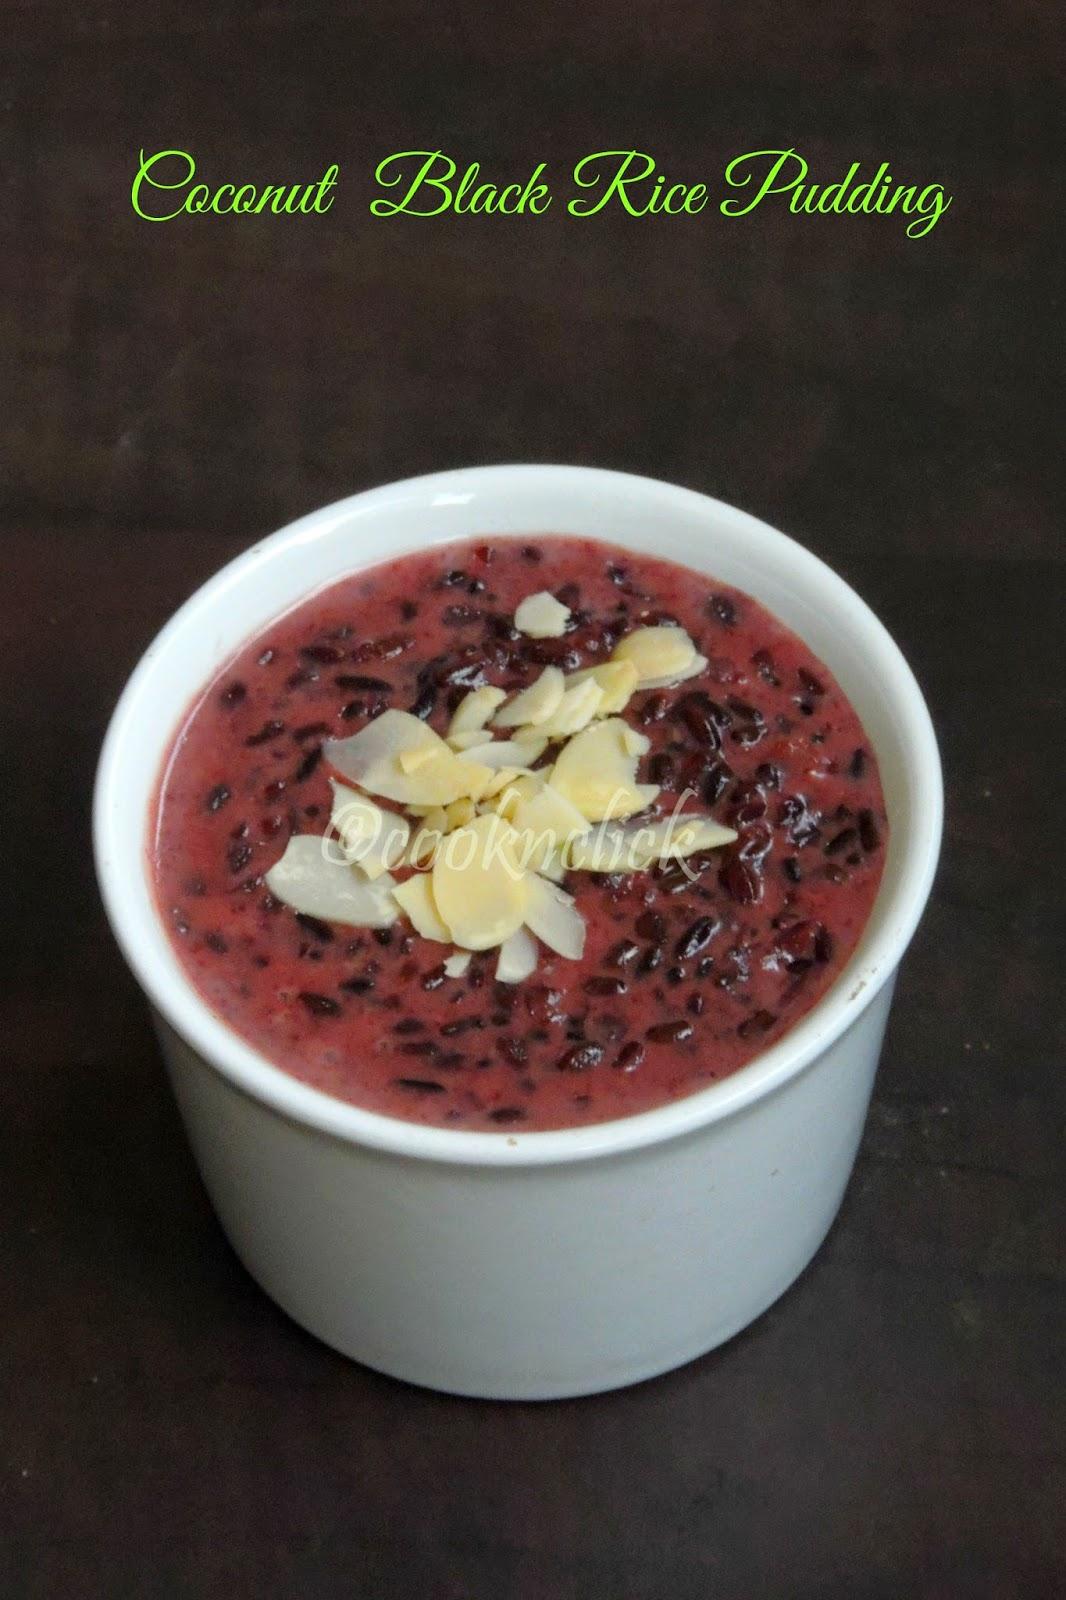 Vegan Coconut milk and black rice pudding